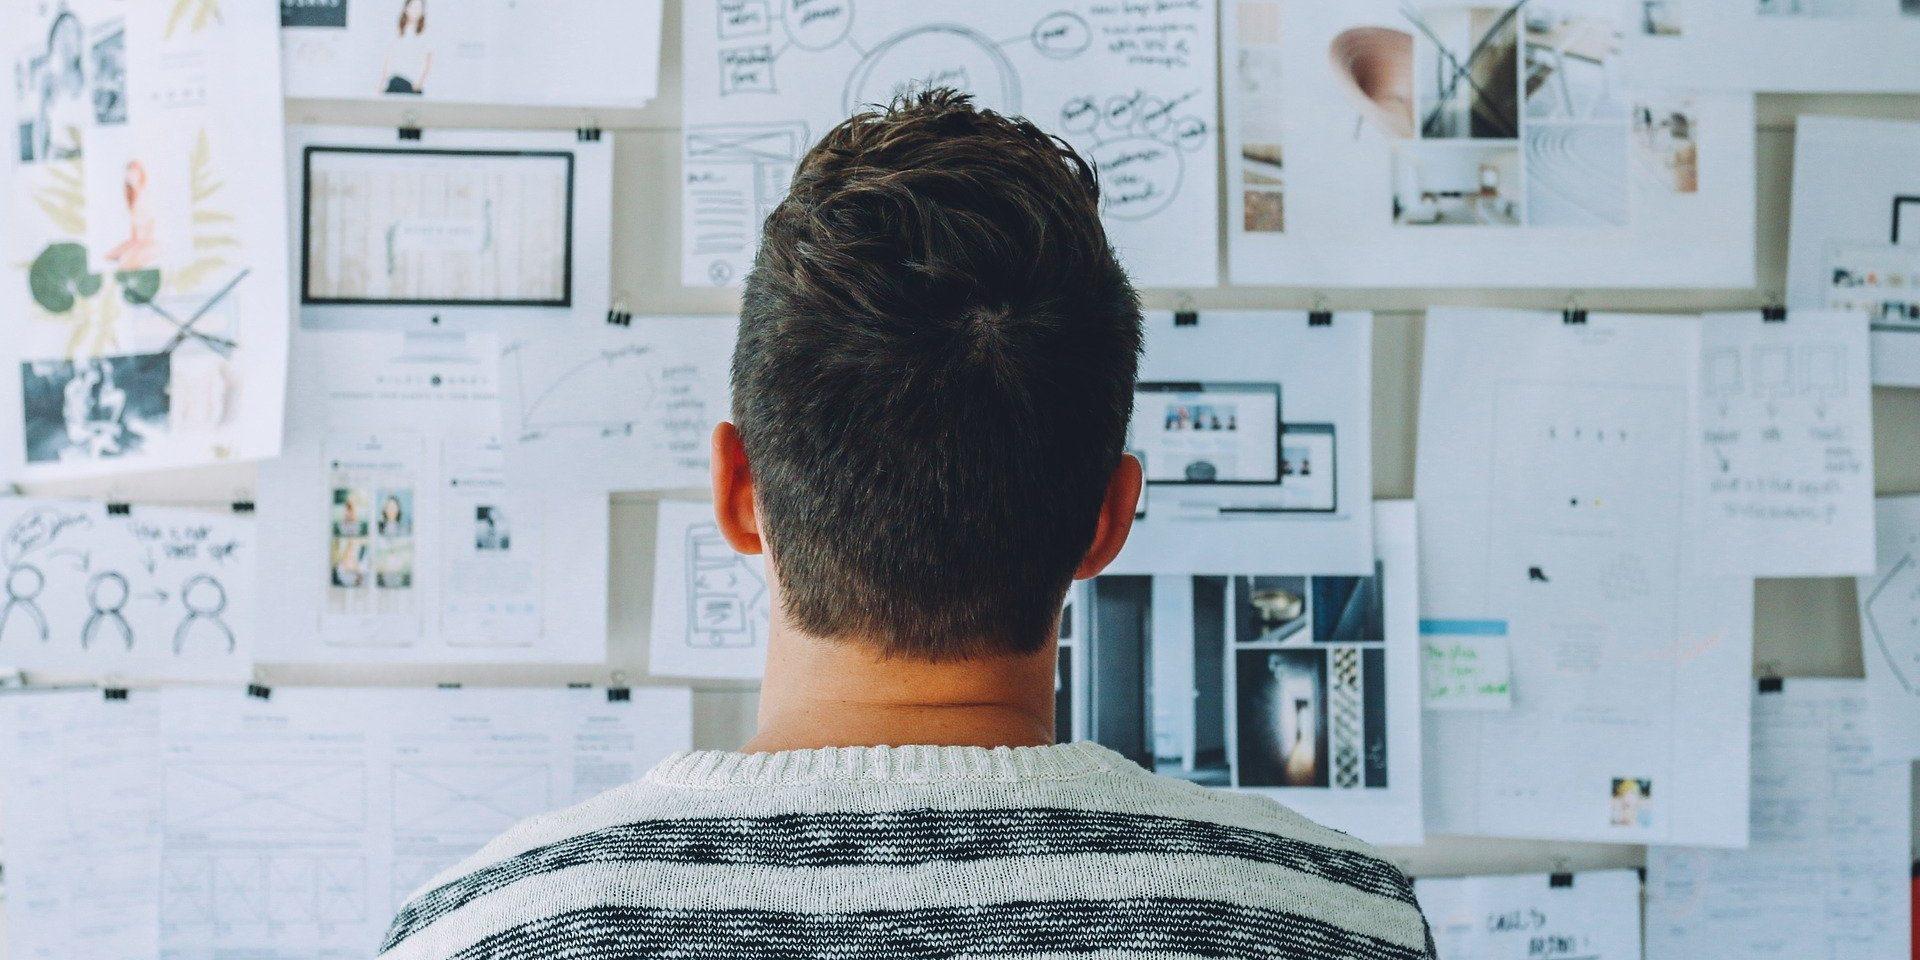 Auf dem Foto sieht man ein jungen Mann, der auf eine Pinnwand mit Notizen blickt. Die Notizen beinhalten Texte über Anforderungen an ein Unternehmen.